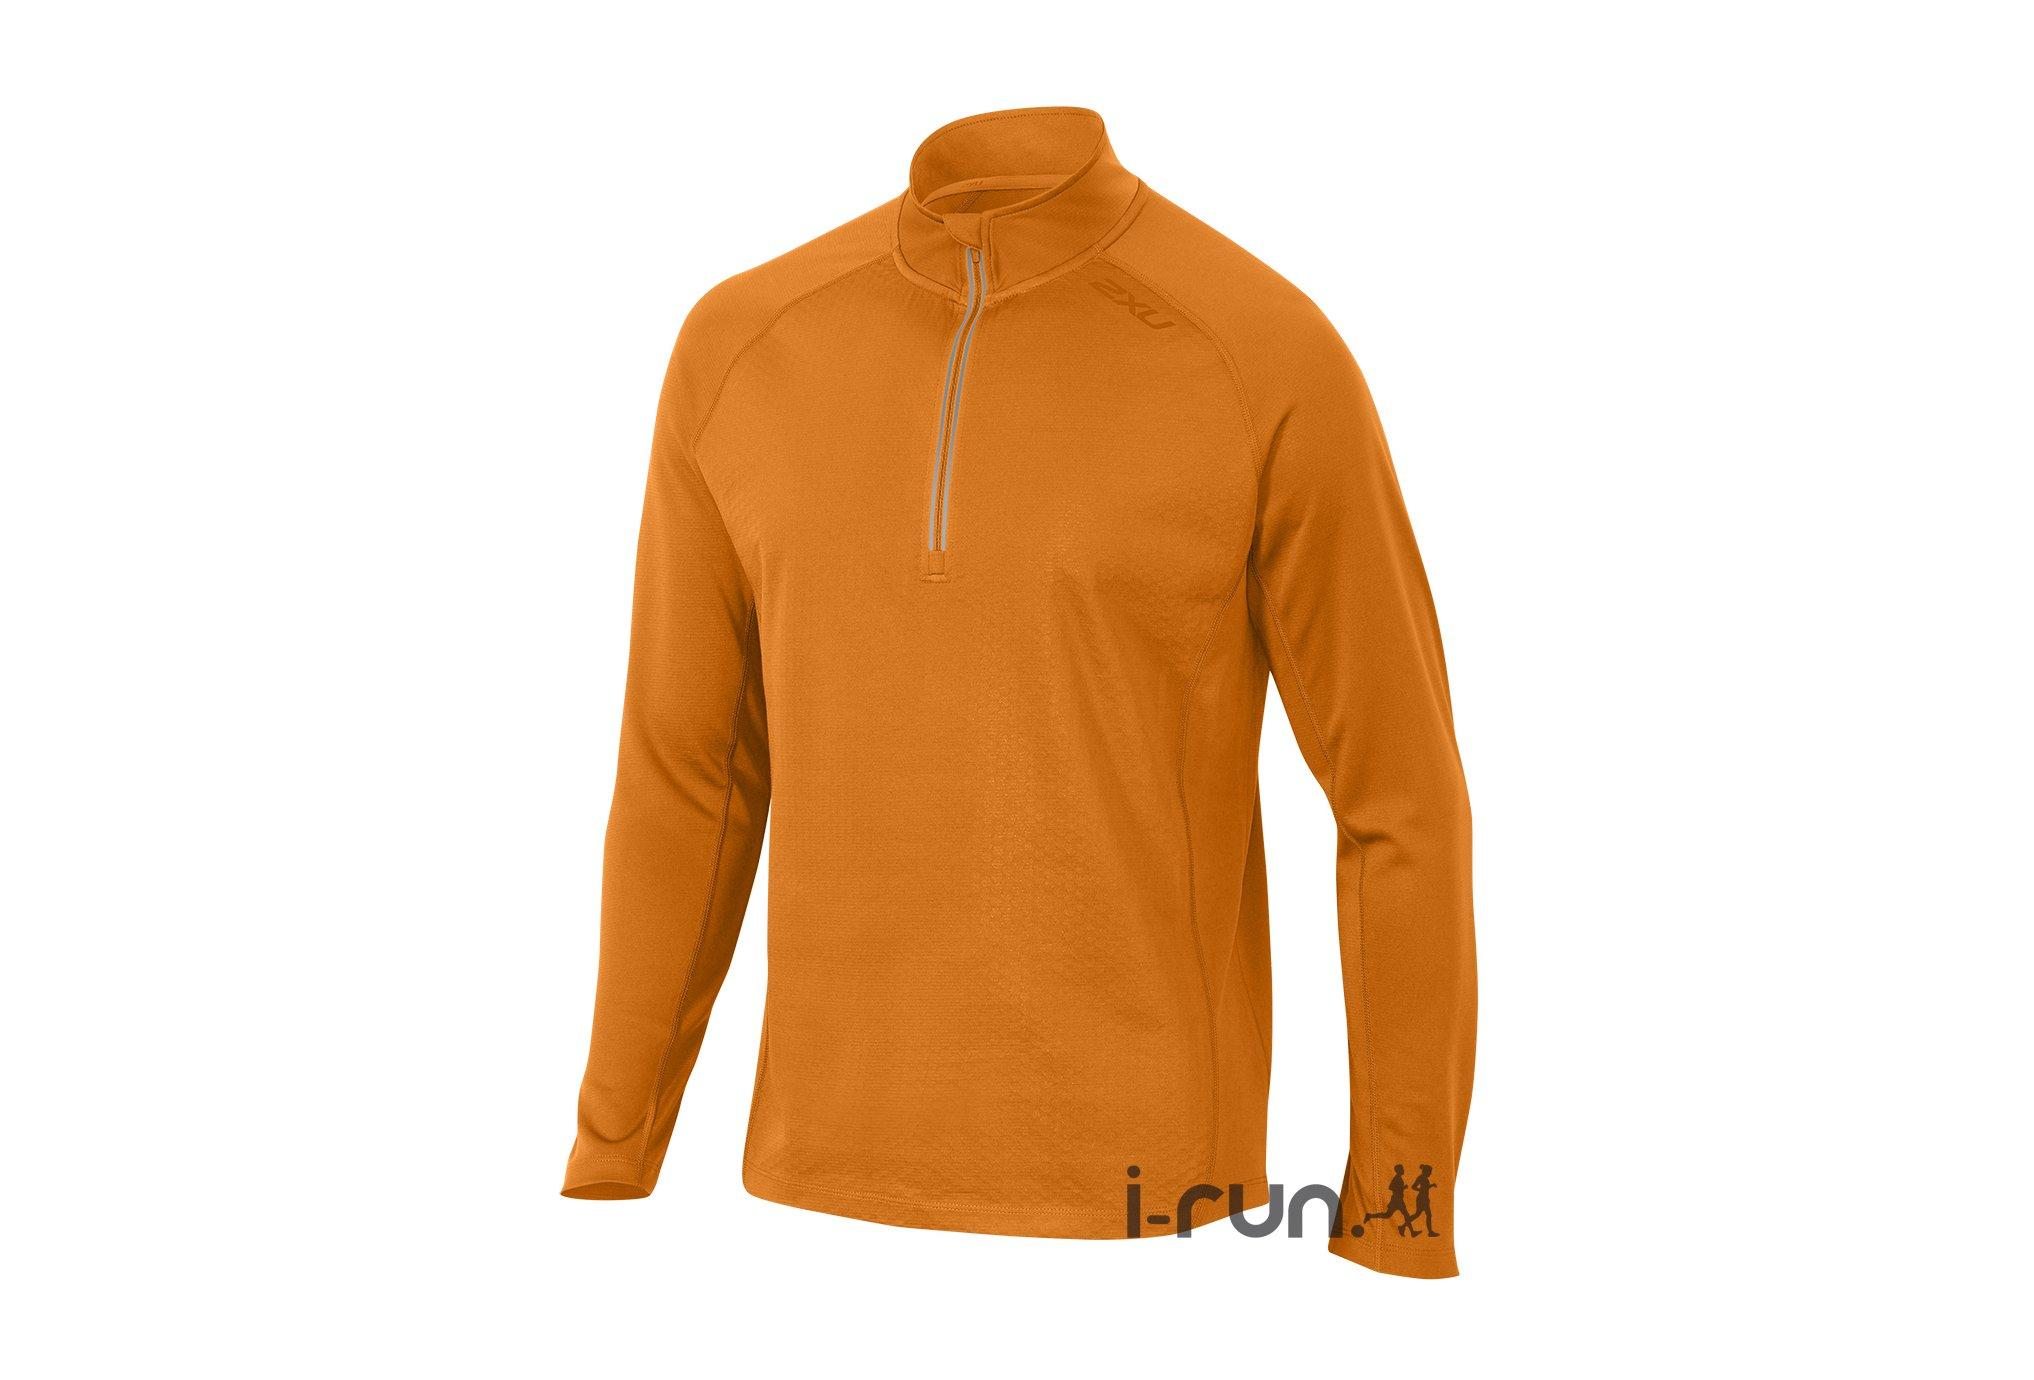 2xu Maillot ignition 1/4 zip m diététique vêtements homme